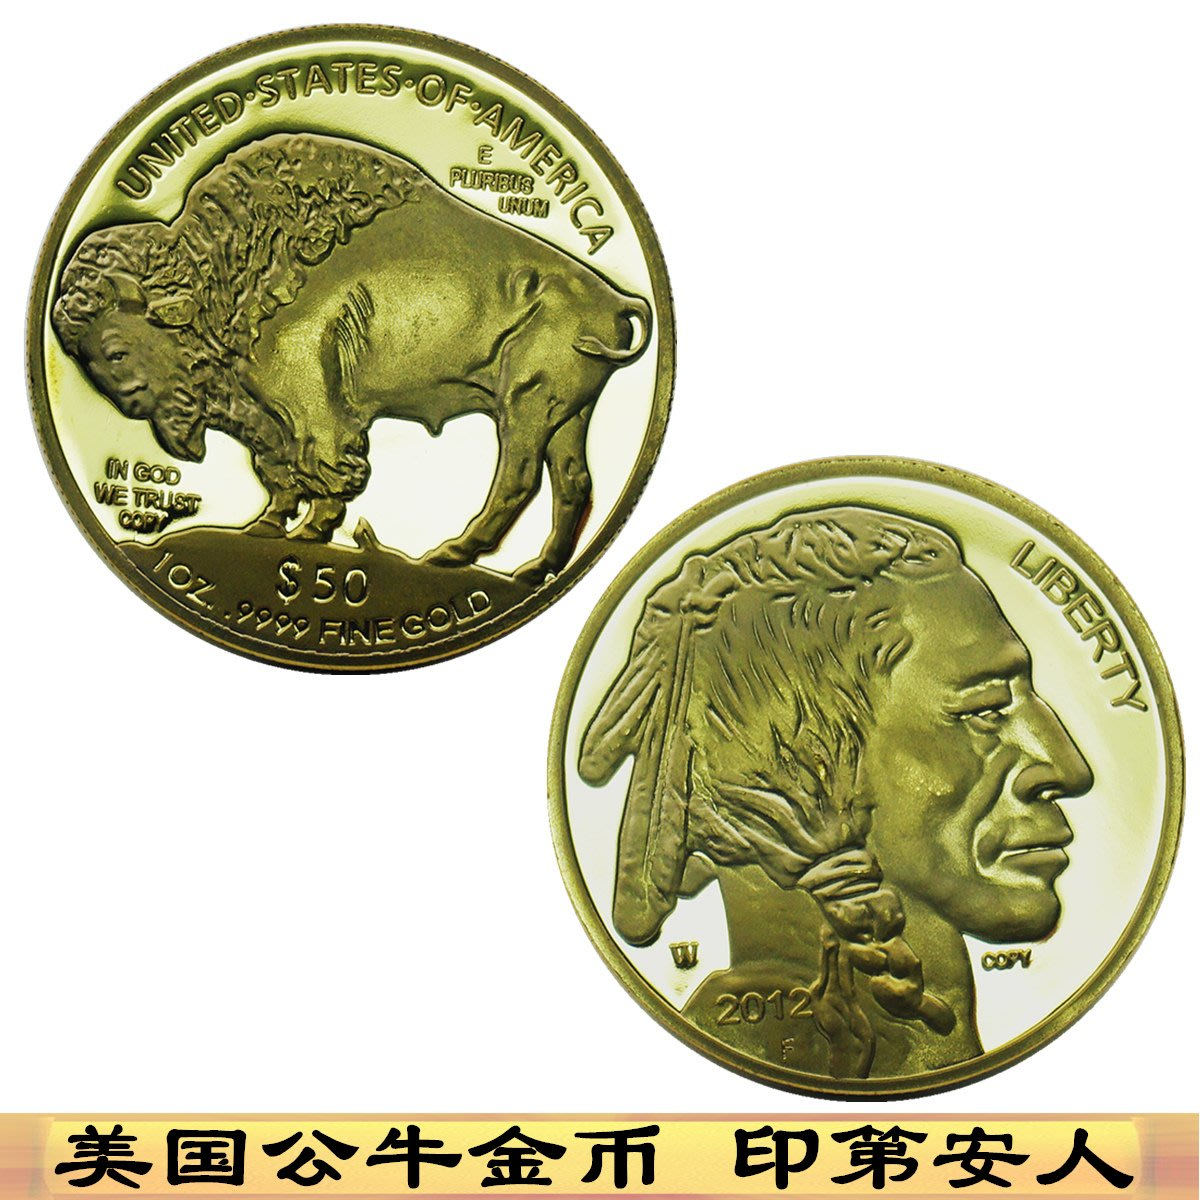 2012年美國50美金紀念幣印第安人金幣 美國公牛幣金幣外幣紀念章iqpg617